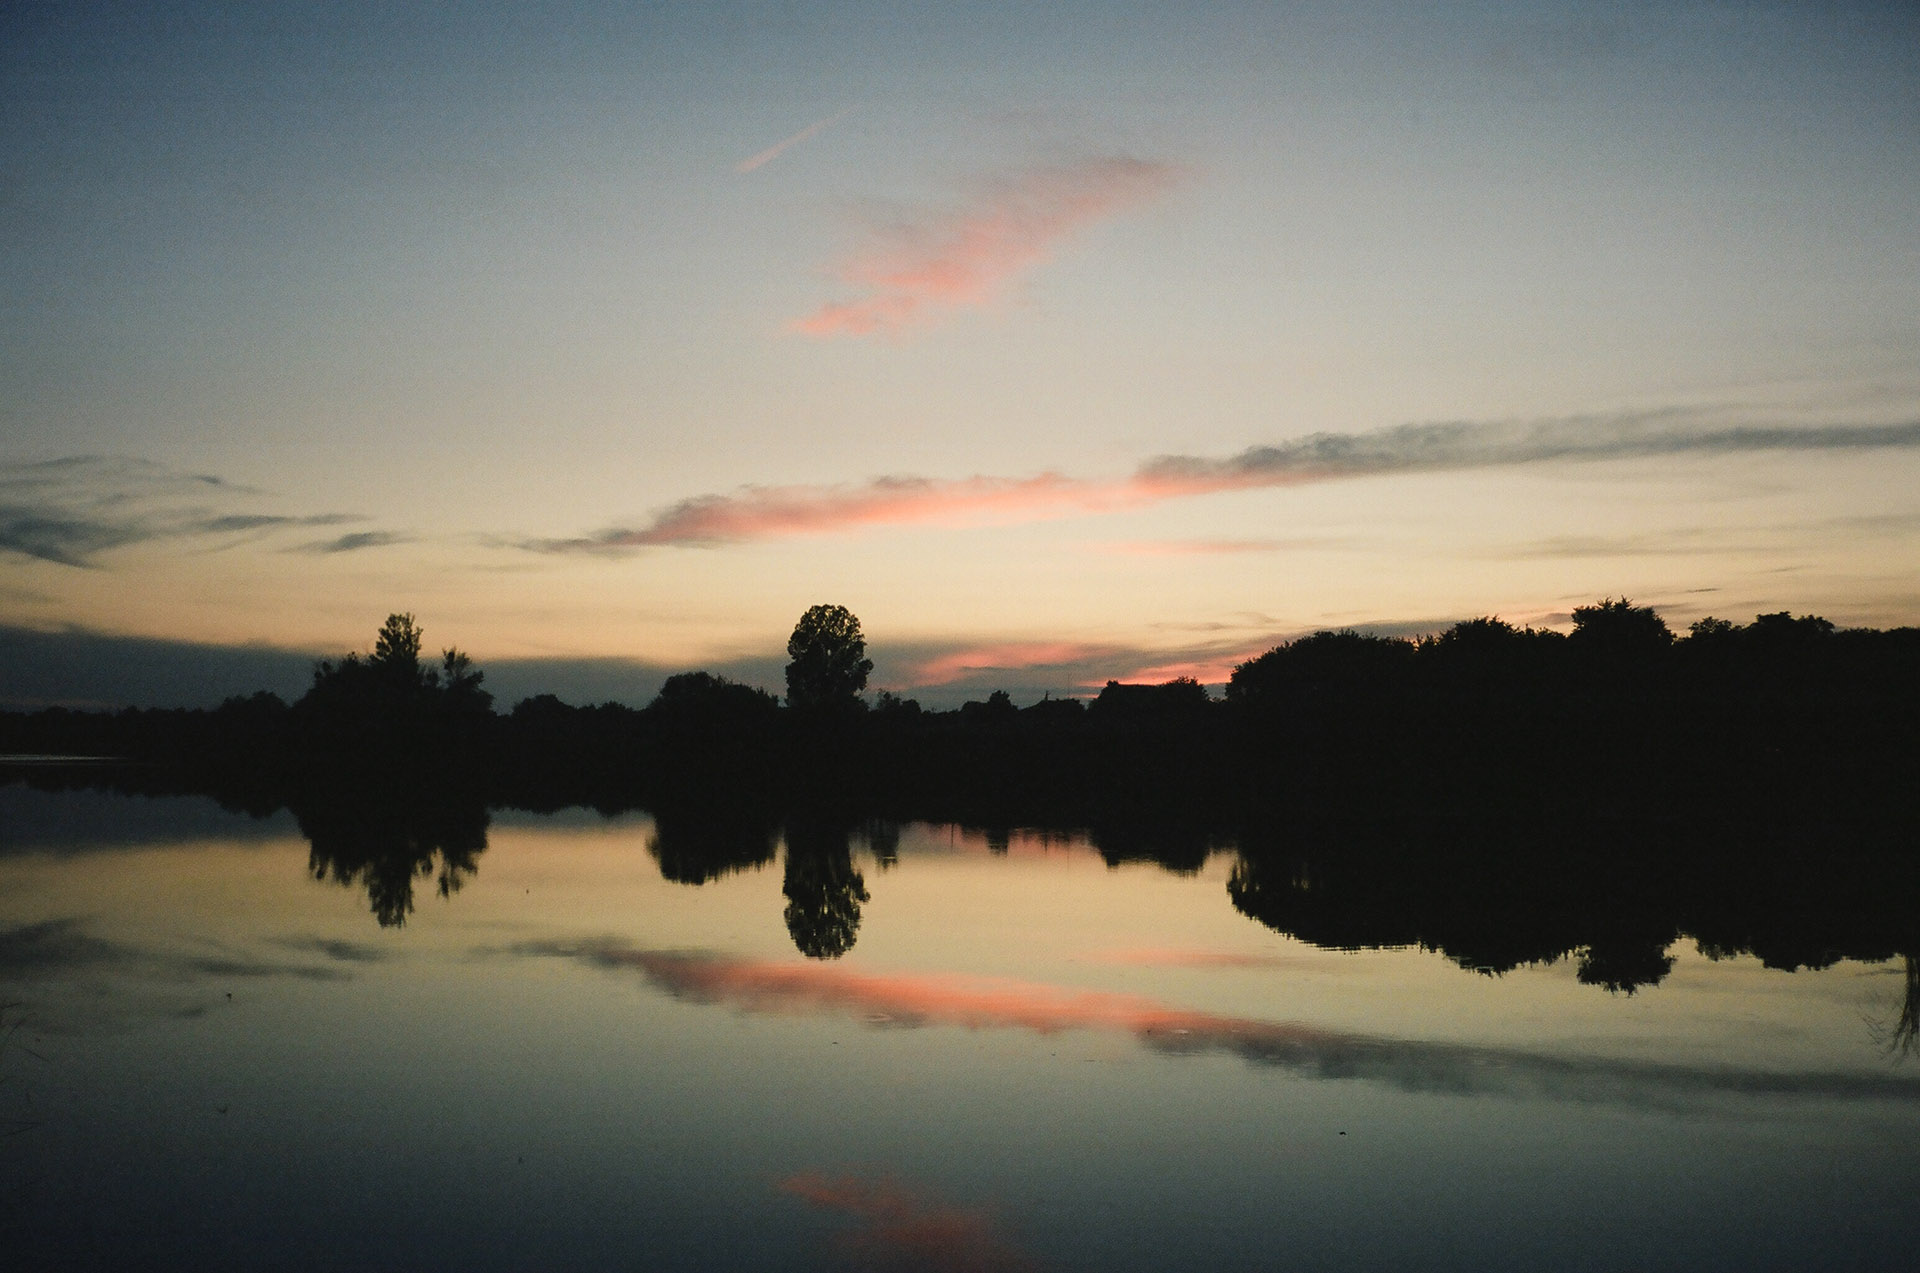 Група хмар в небі на заході сонця